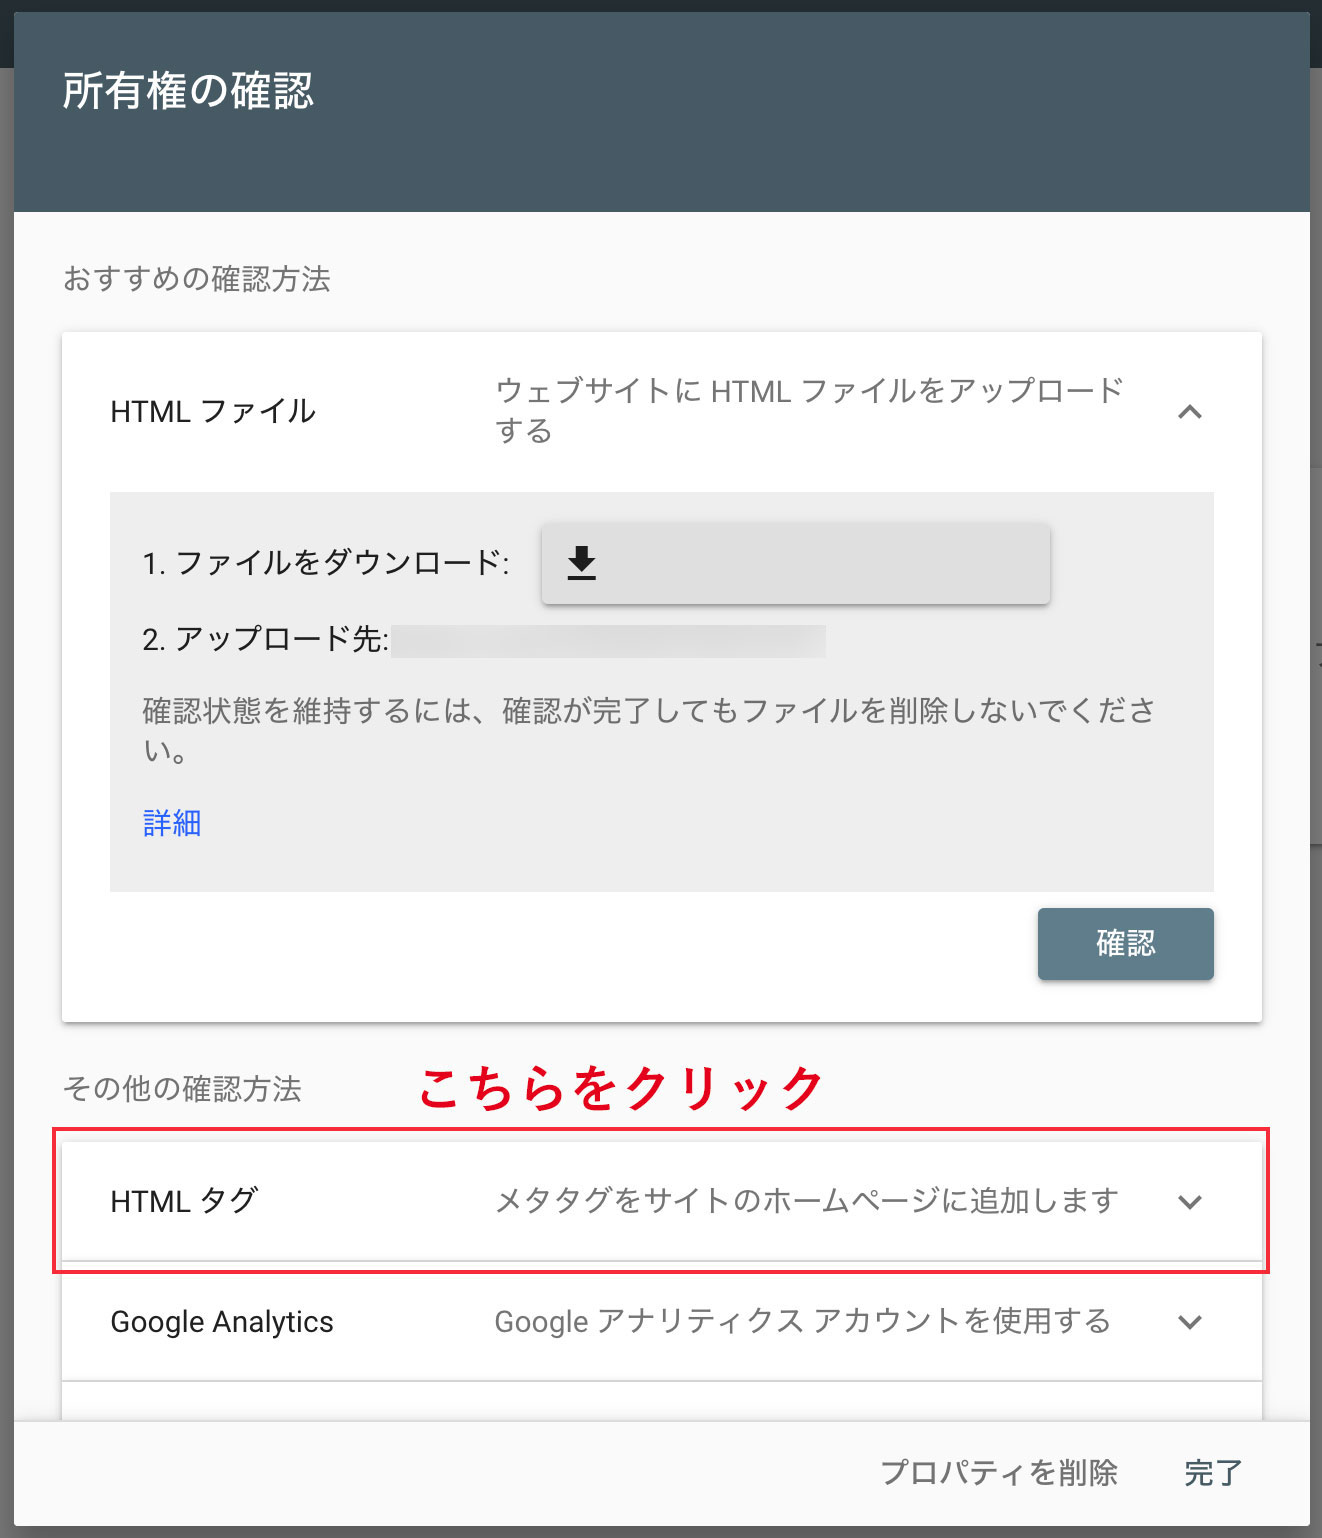 所有権の確認は、「HTMLタグ」を使います